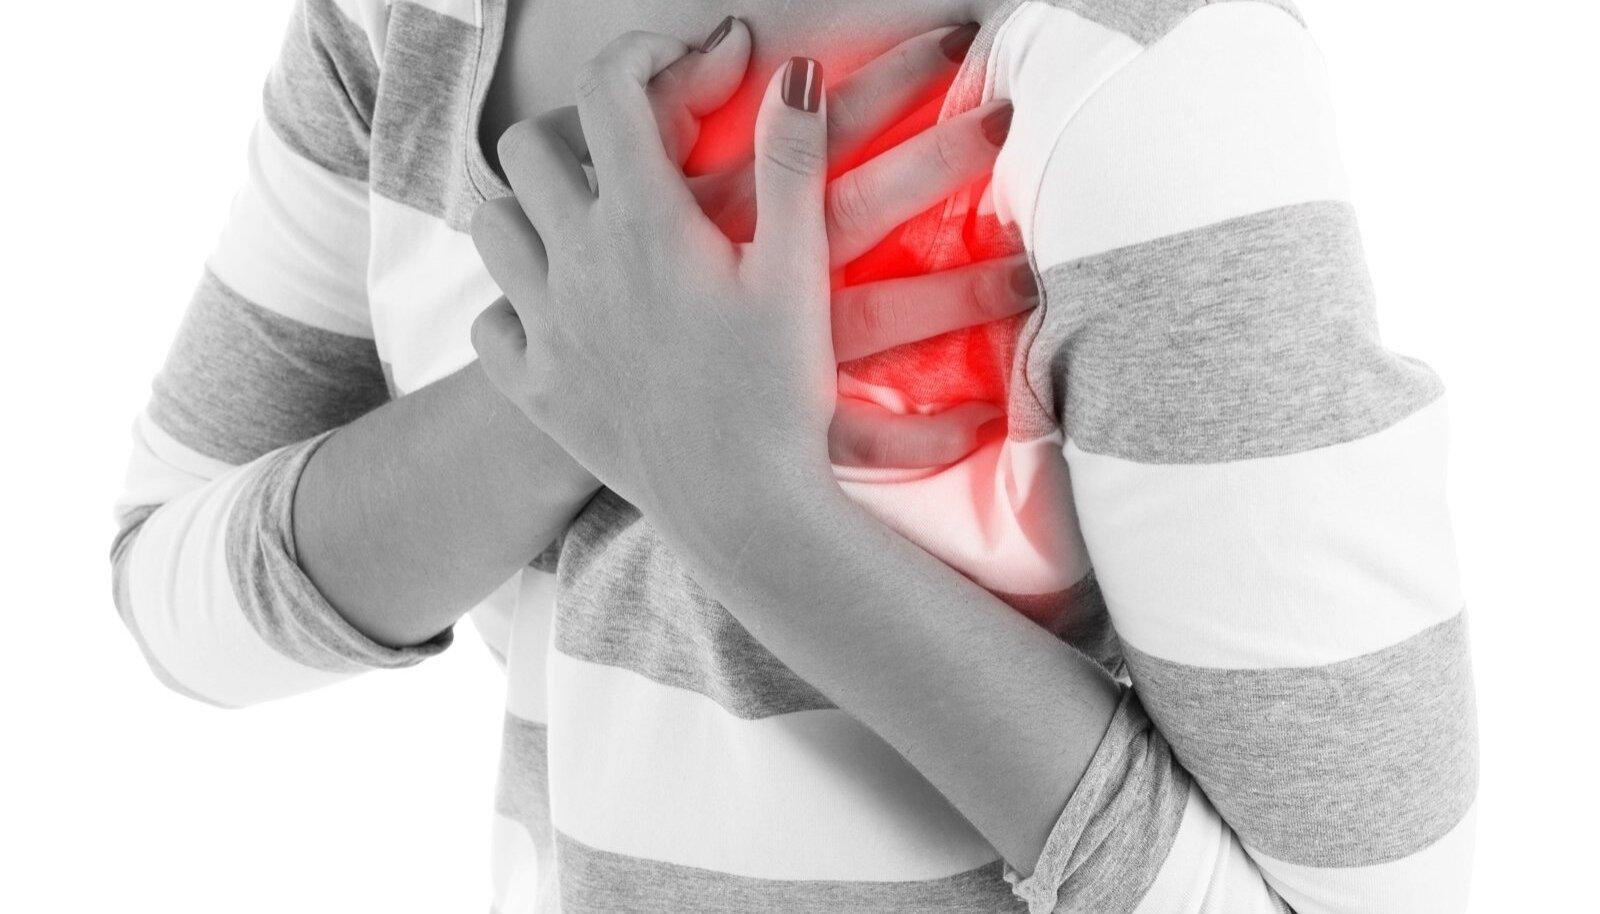 Liigeste neurolgia ravi Hapu tagasi kusimused